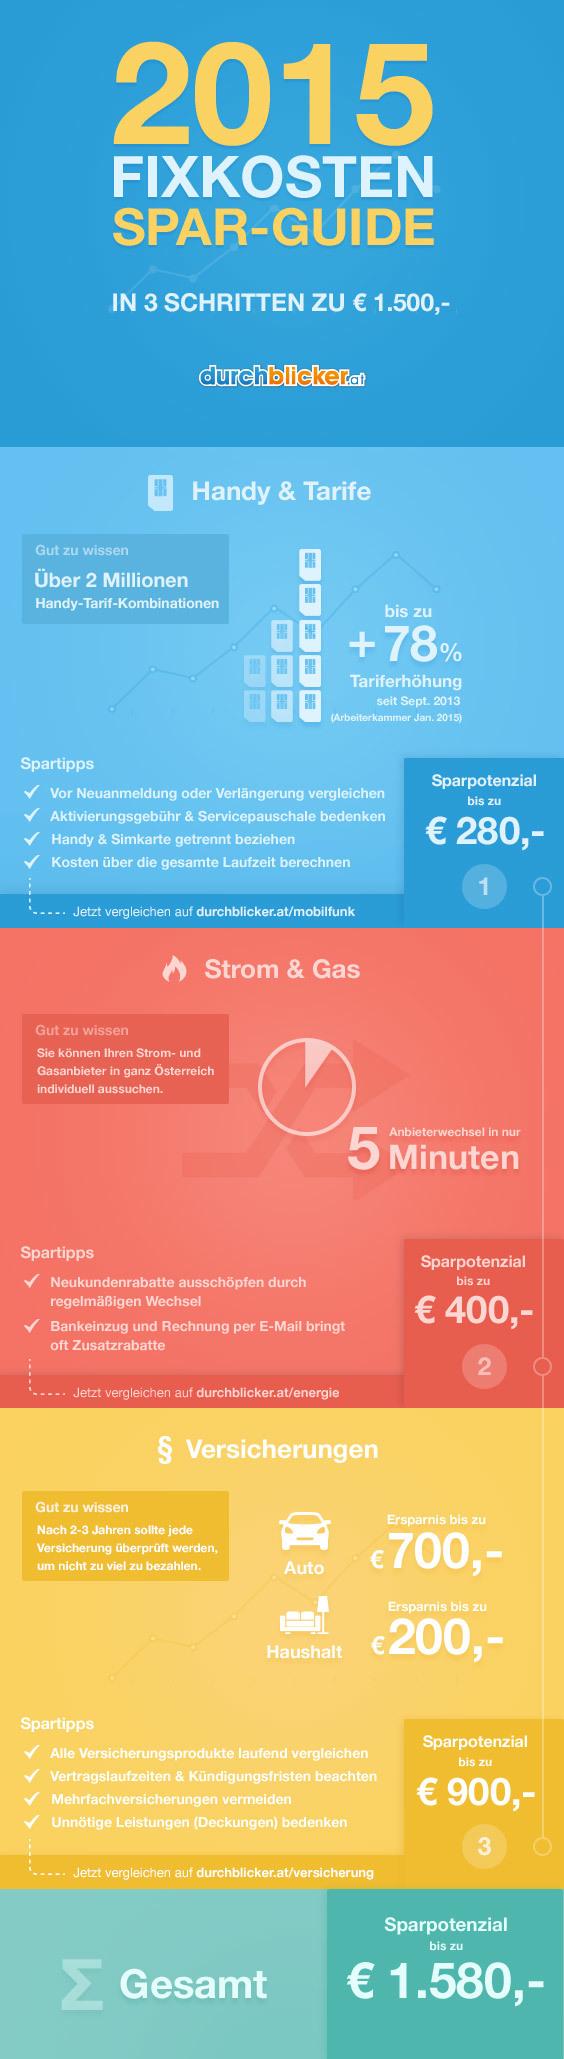 Infografik 2015-Fixkosten-Sparguide